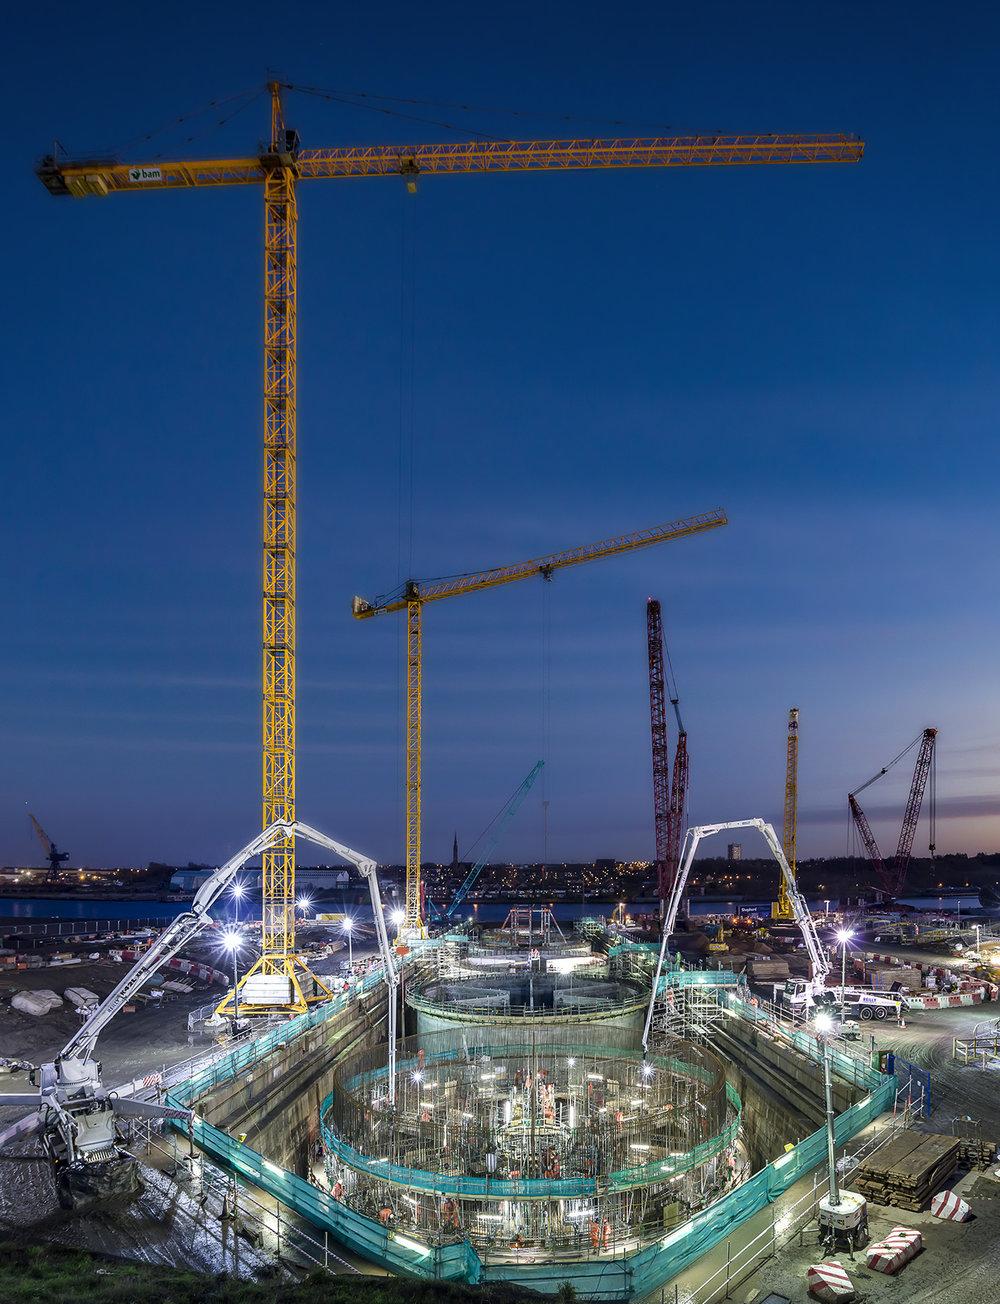 Construction site photographers